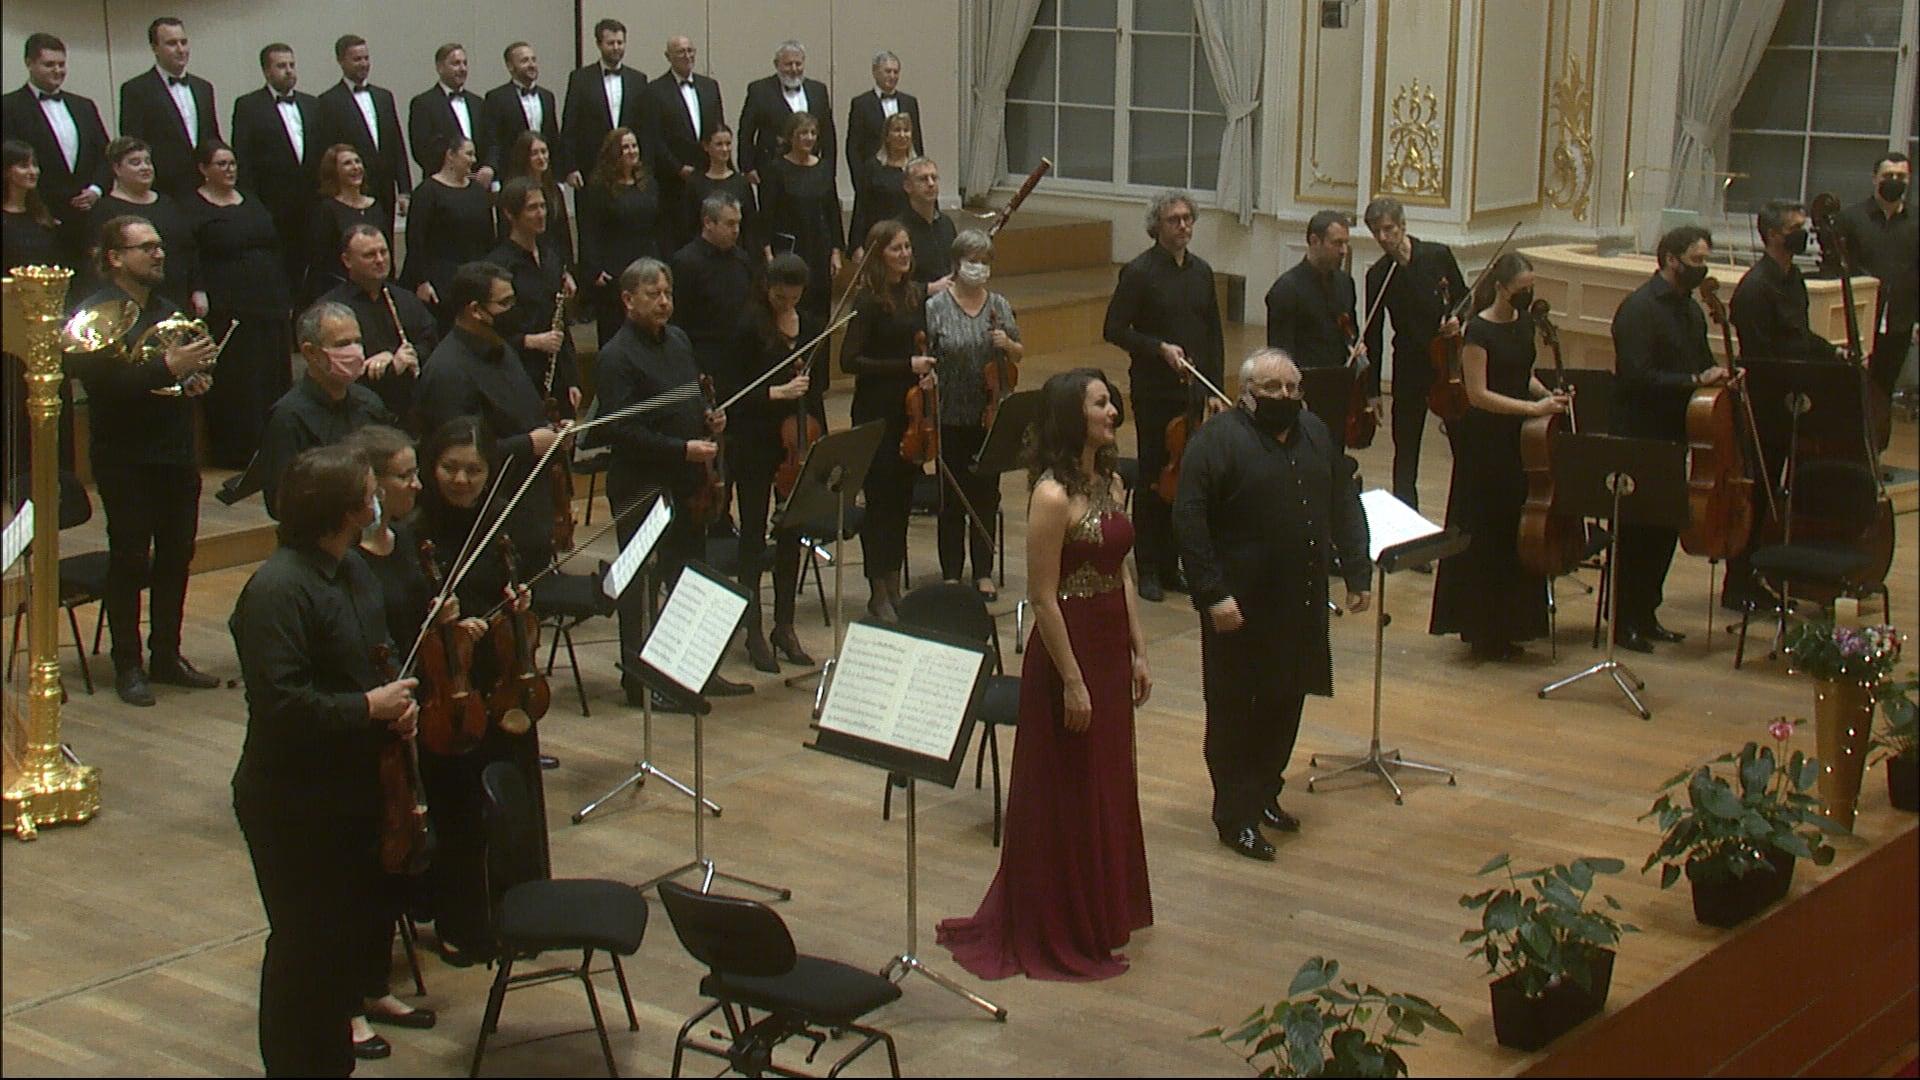 Adventný koncert / SKO / Lúčnica